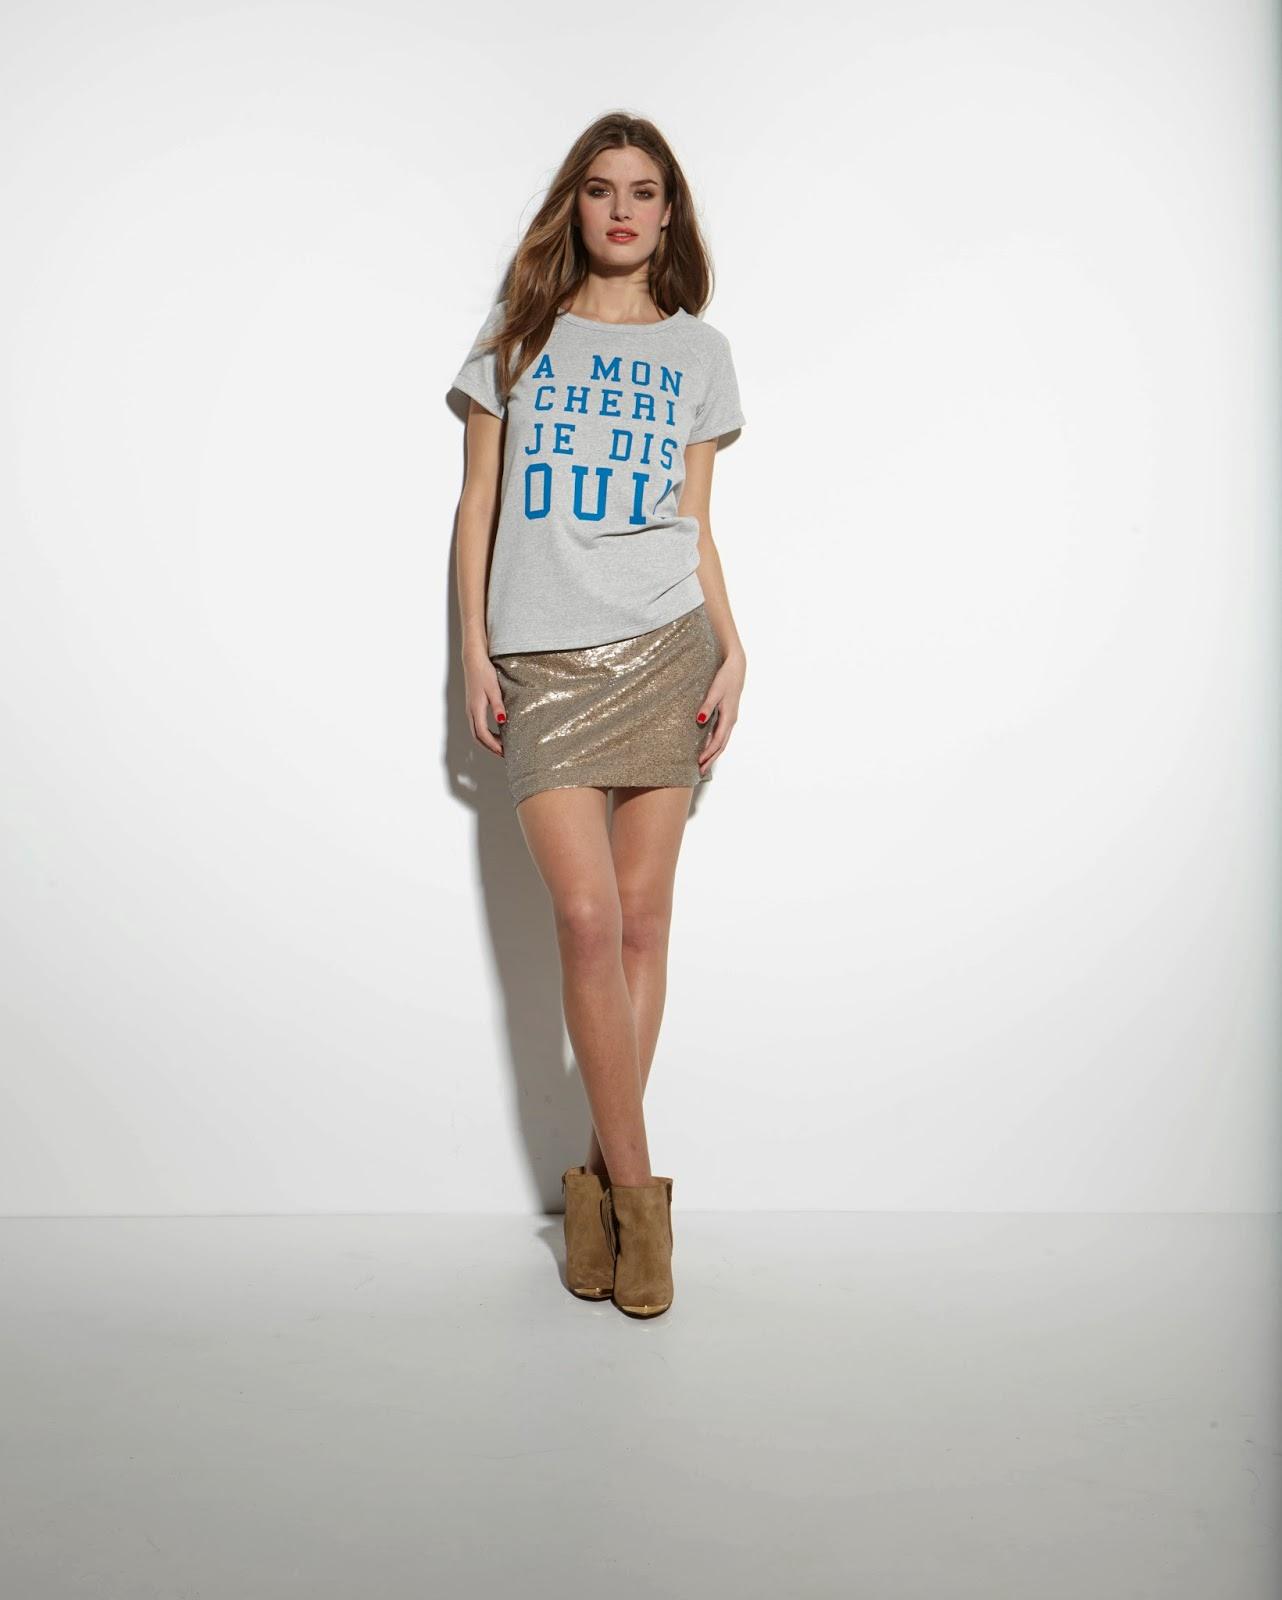 ss14, graphic tshirt, slogan